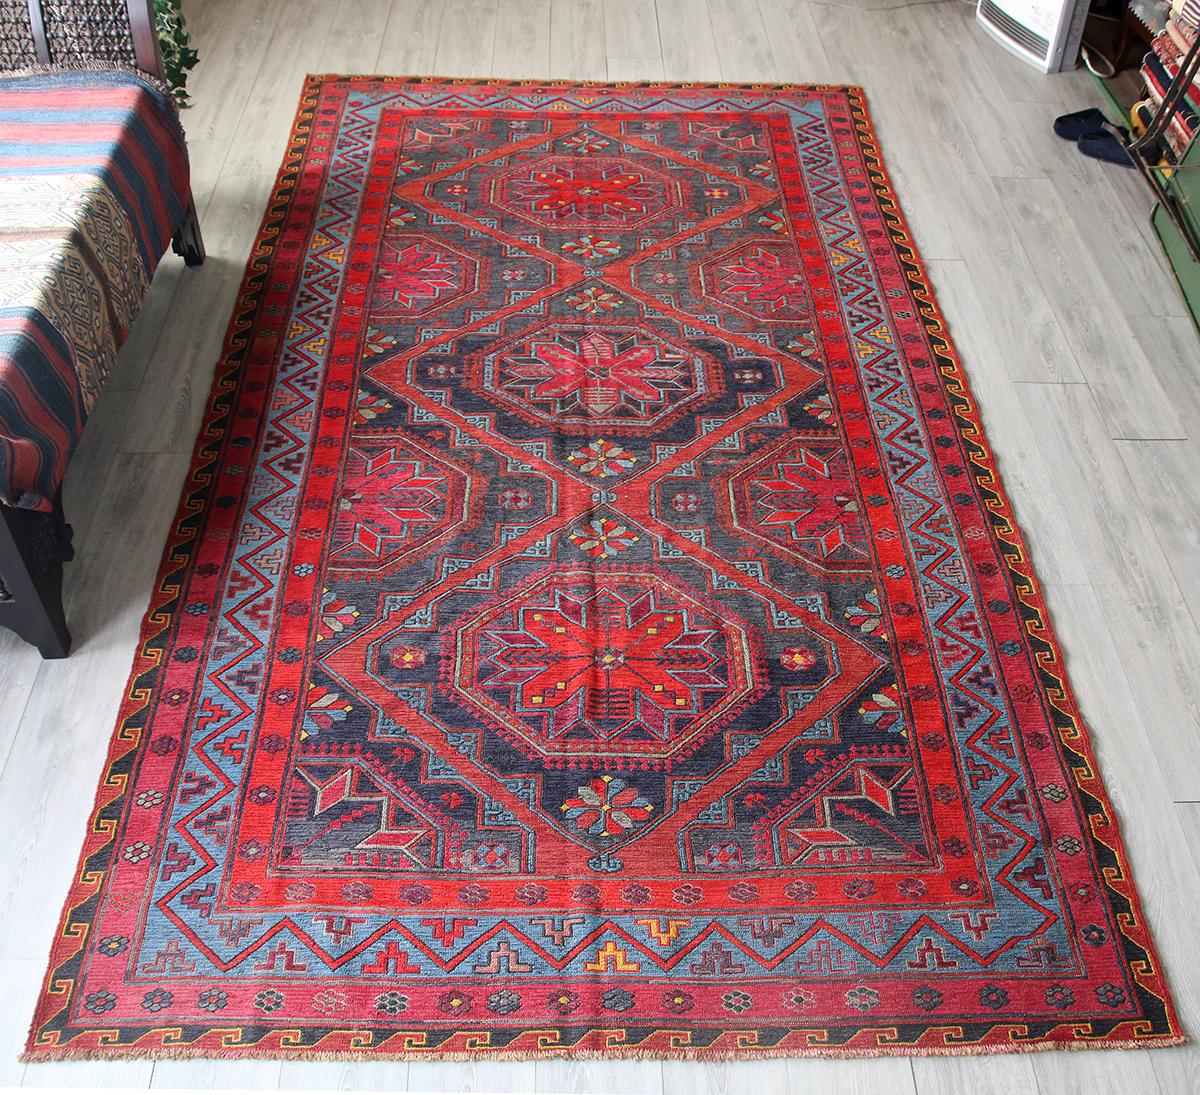 オールドキリム・コーカサス地方のスマック織り320×173cm大型リビングサイズ/3つの花のメダリオン